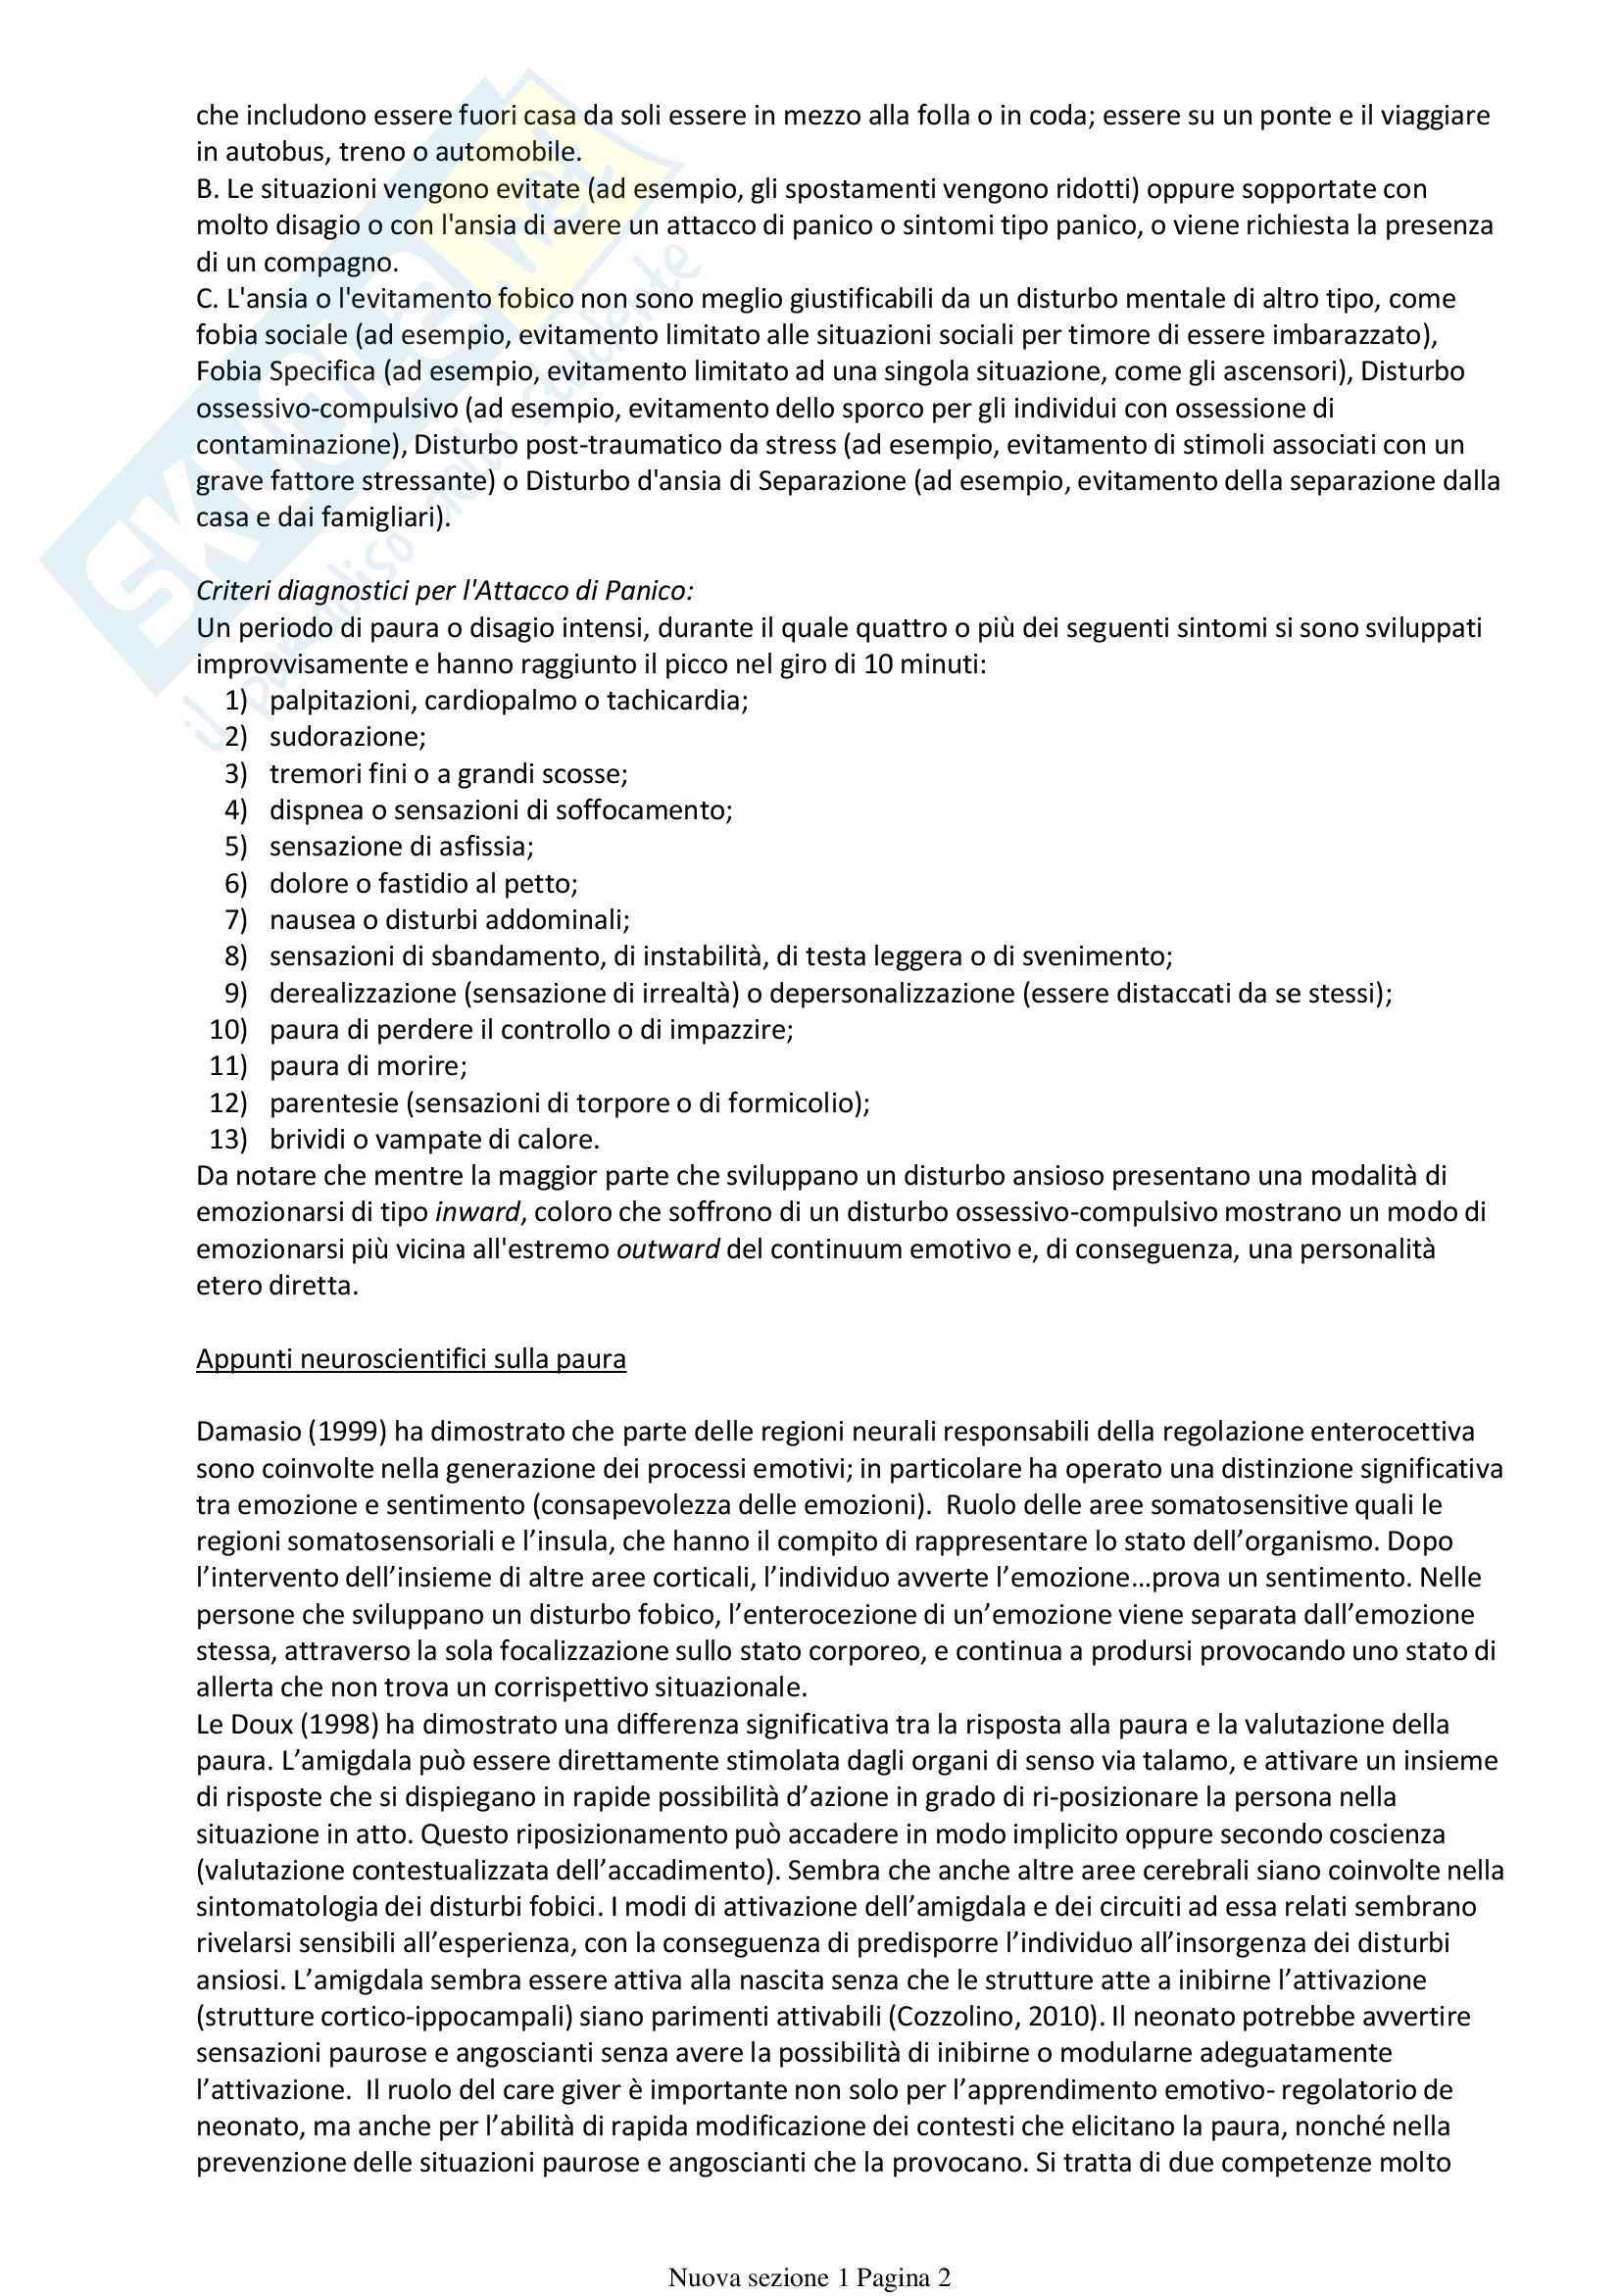 Casi clinici: Appunti di Psicoterapia cognitiva Pag. 2